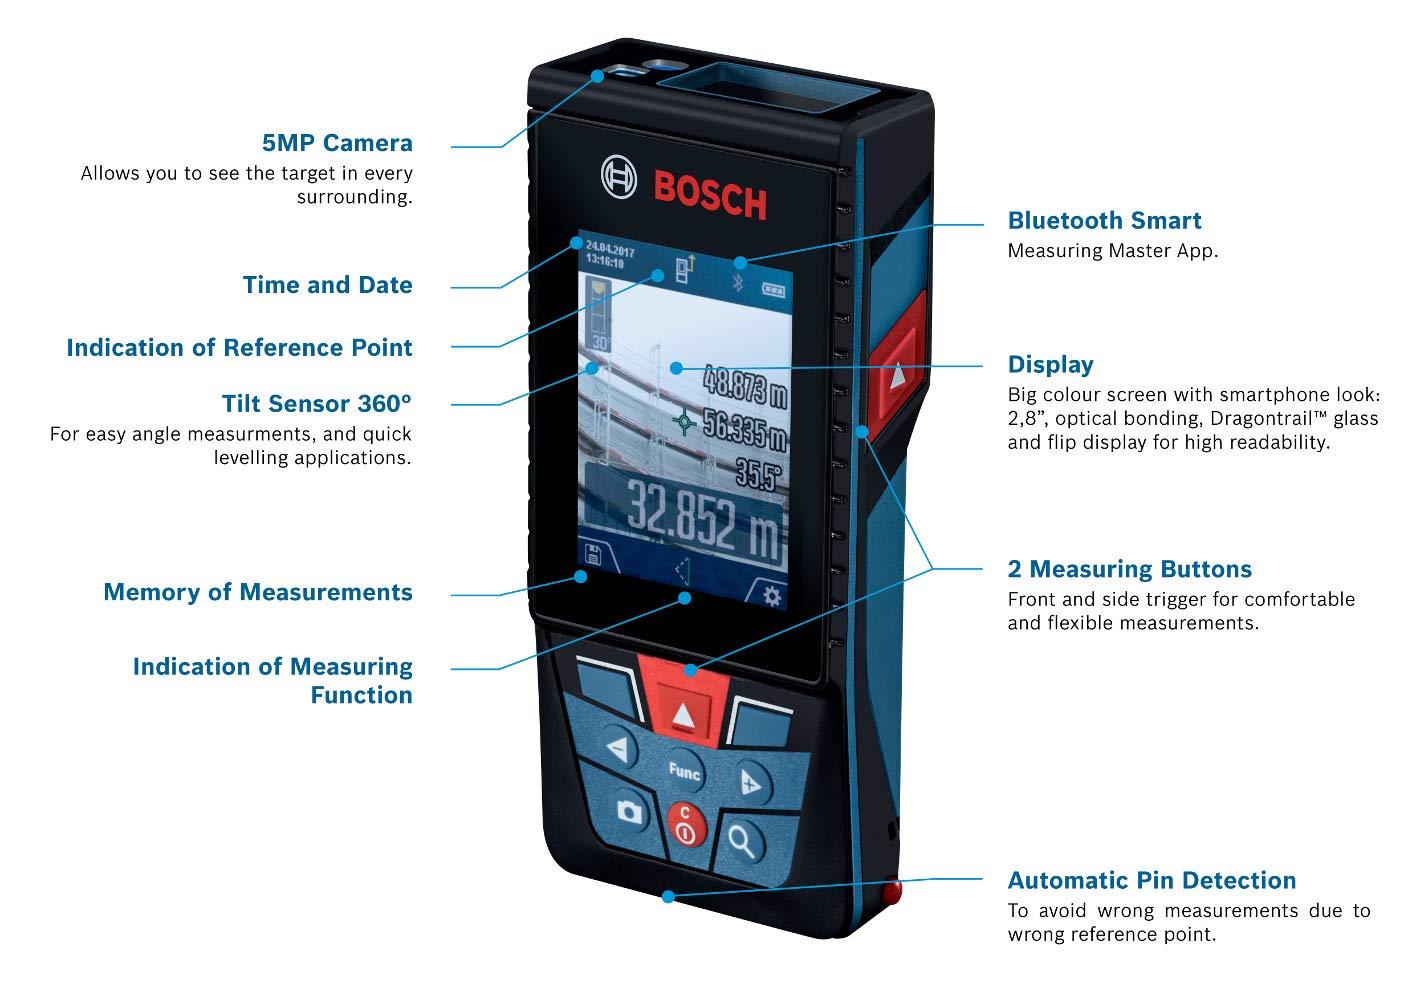 Bosch Laser Entfernungsmesser Neigungssensor : Bosch professional laser entfernungsmesser glm 120 c app funktion